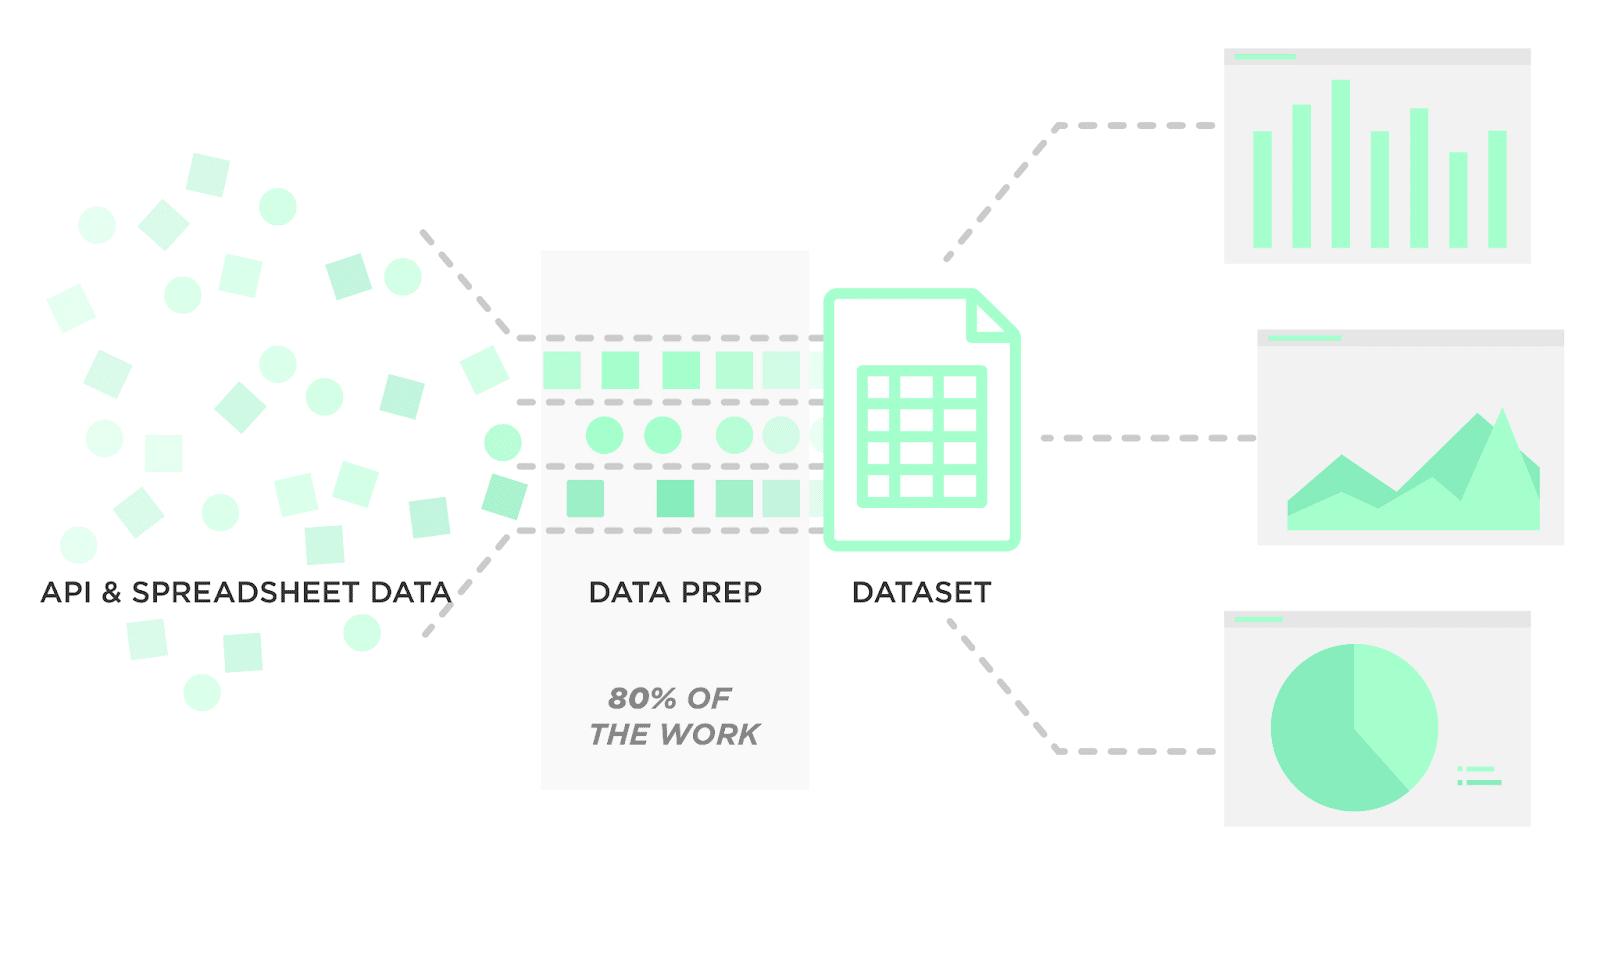 DataSetlà một bước tăng trưởng lớn trong việc phát triển phần mềm cơ sở dữ liệu đa hệ. Khi thu thập và thay đổi dữ liệu, duy trì liên tục liên kết chặt chẽ tới Data Source trong khi chờ user yêu cầu thì bài bản là tốn tài nguyên máy cực kì nhiều.